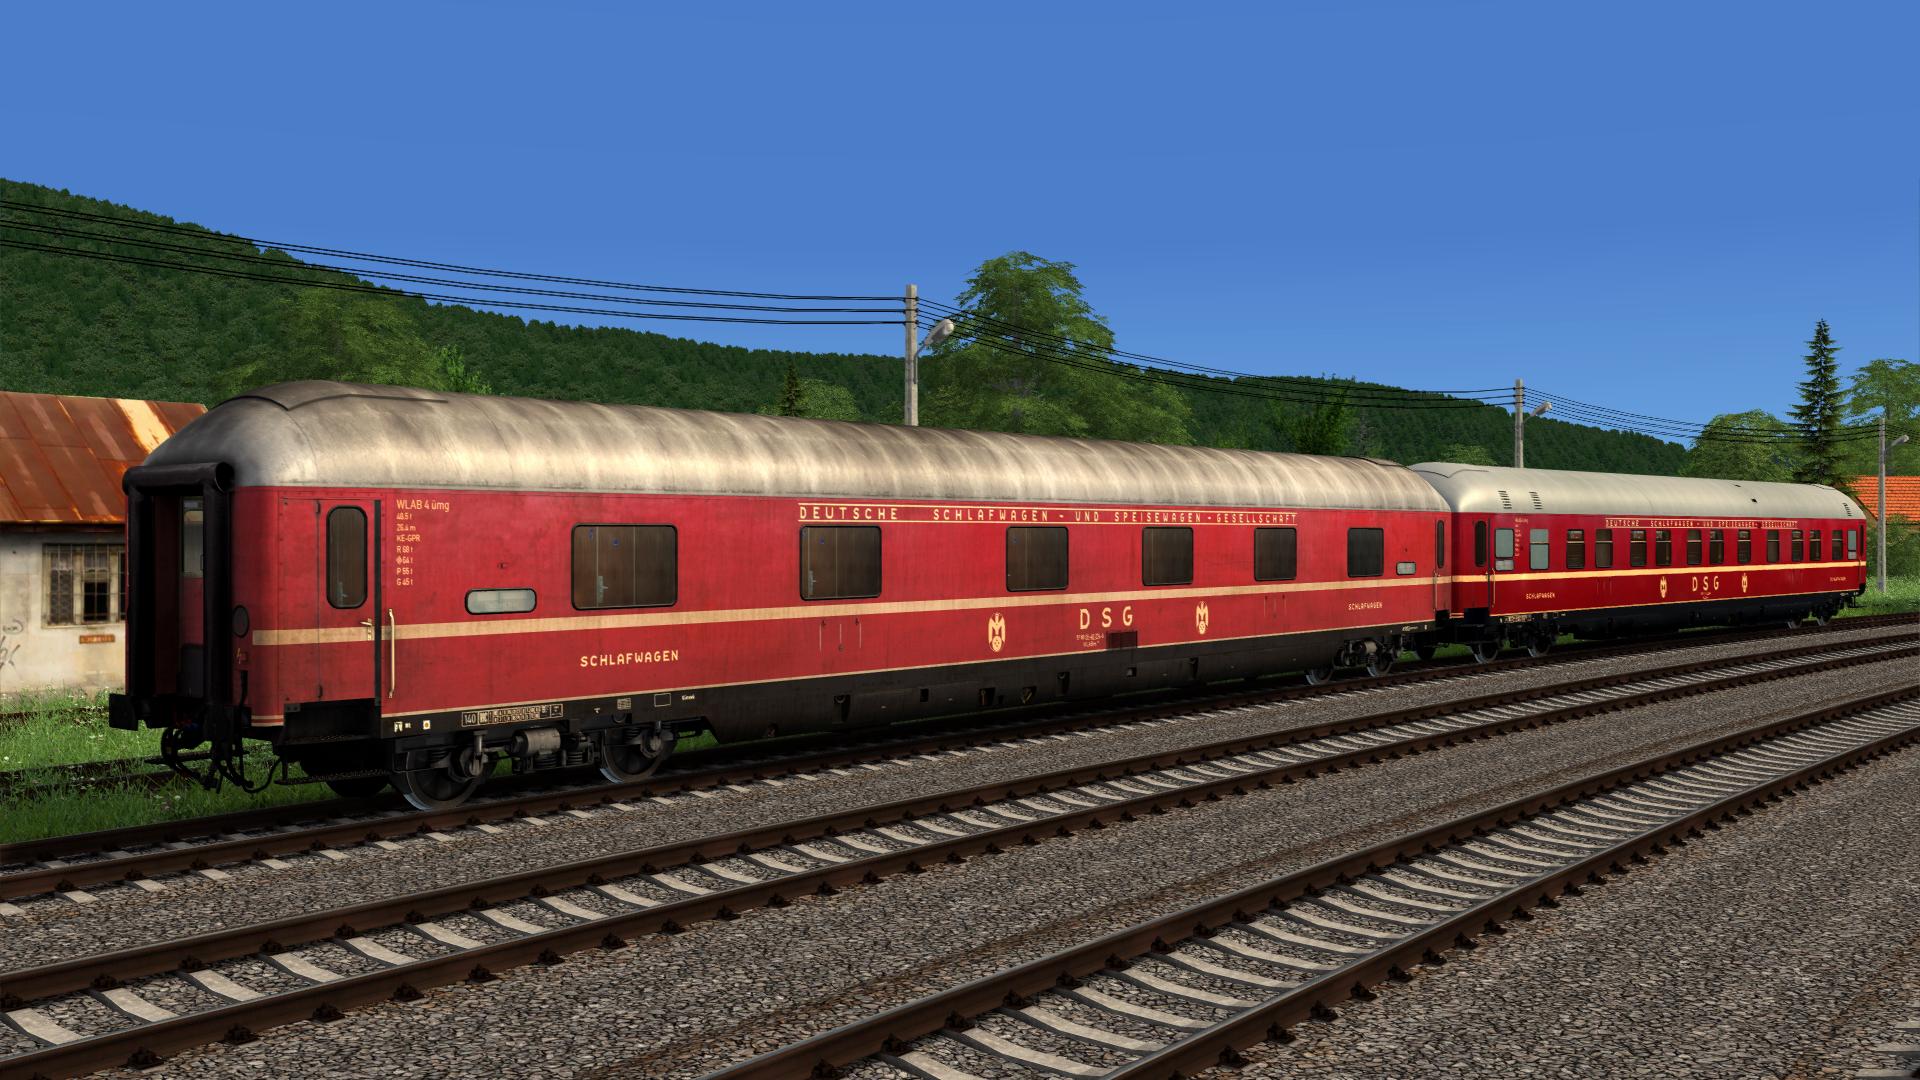 RailWorks64 2021-03-21 15-32-34